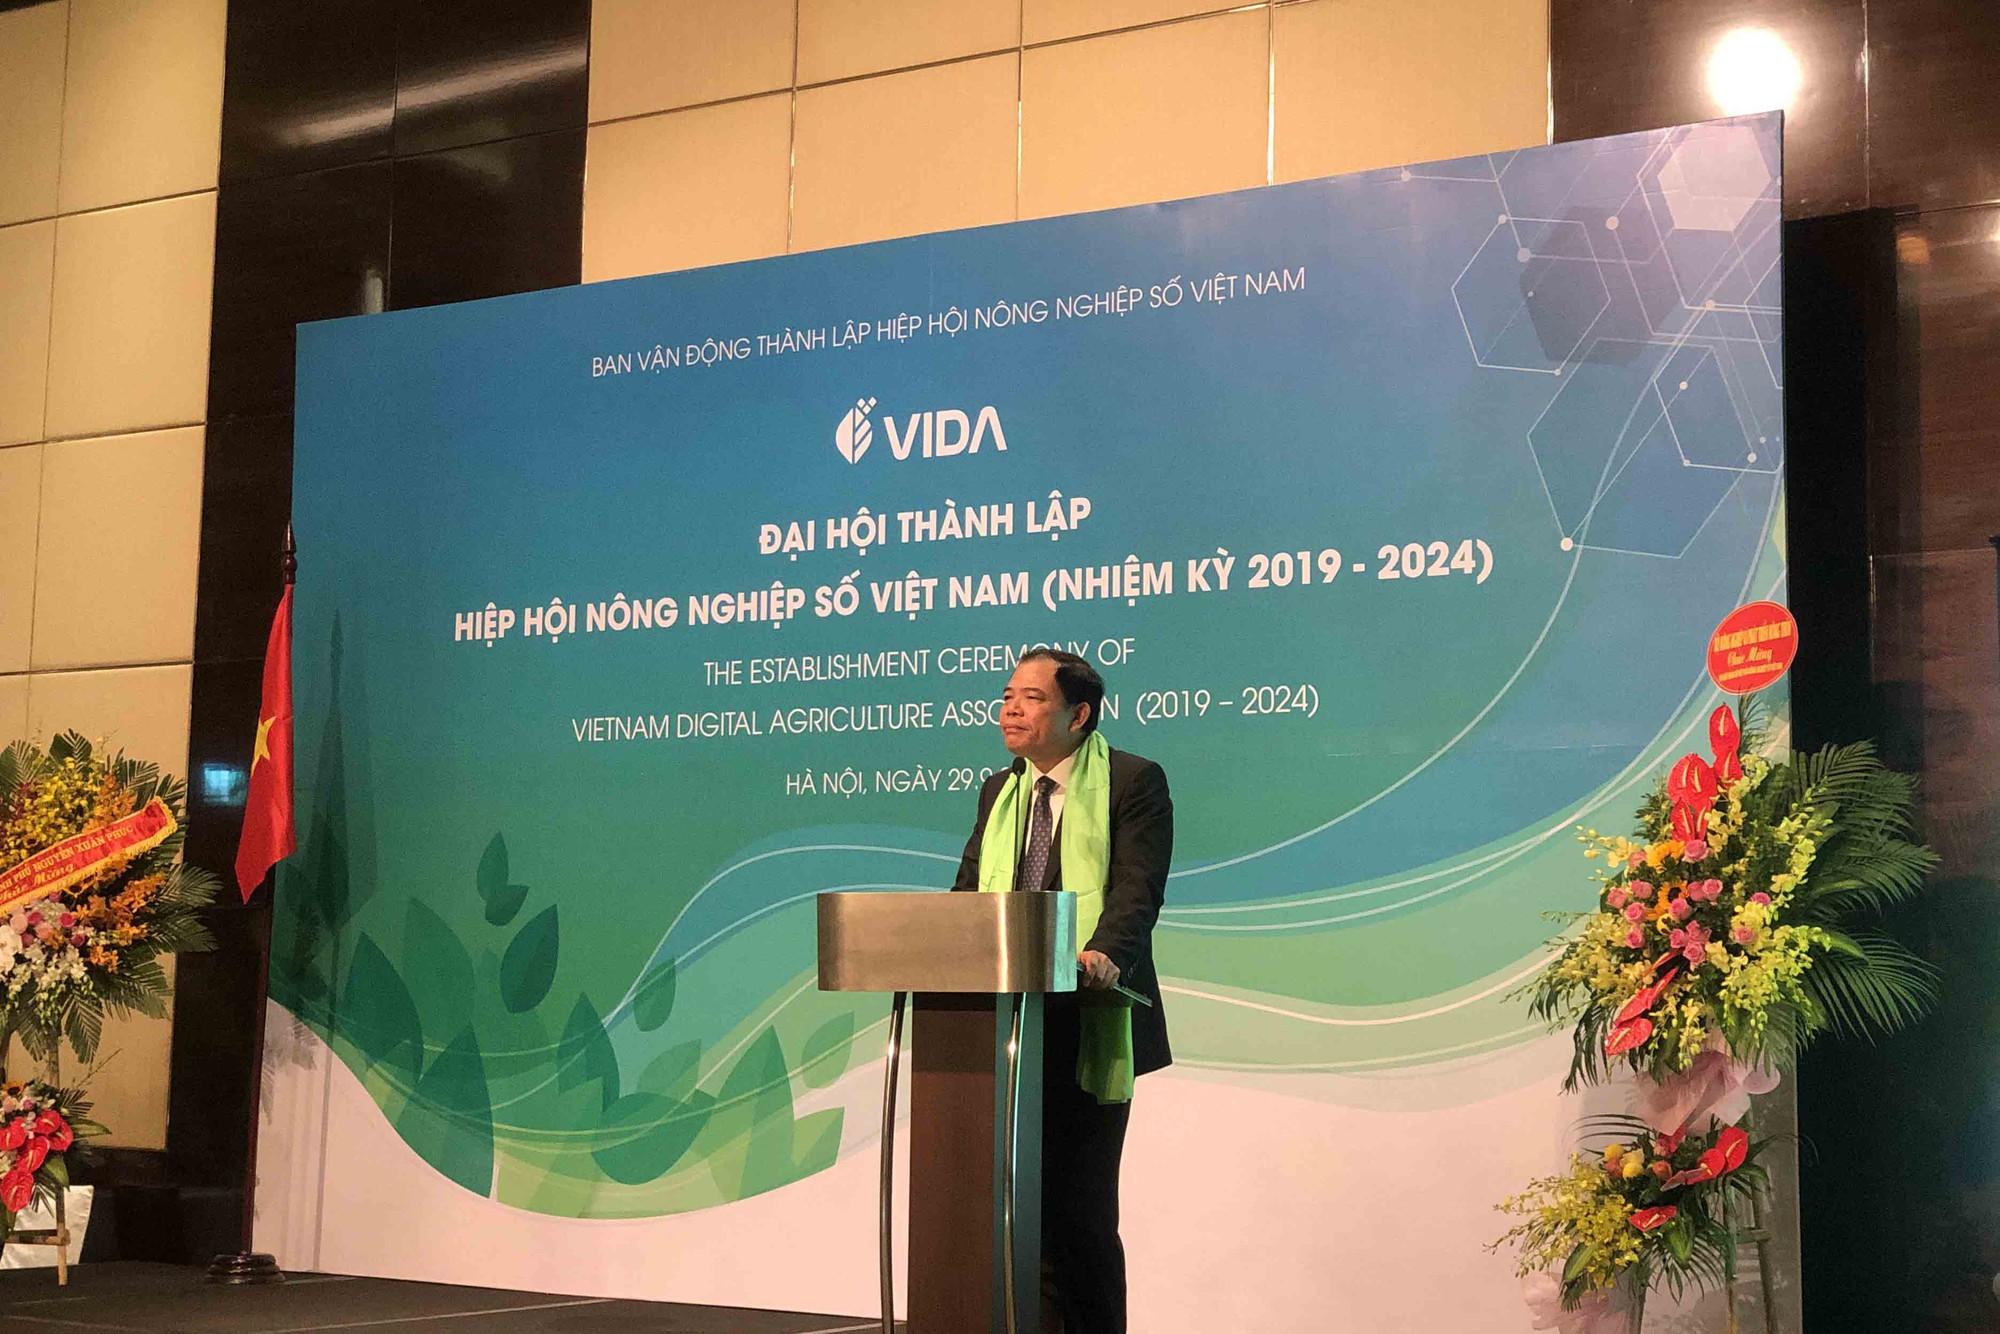 Ông Trương Gia Bình được bầu là Chủ tịch Hiệp hội Nông nghiệp số Việt Nam - Ảnh 3.